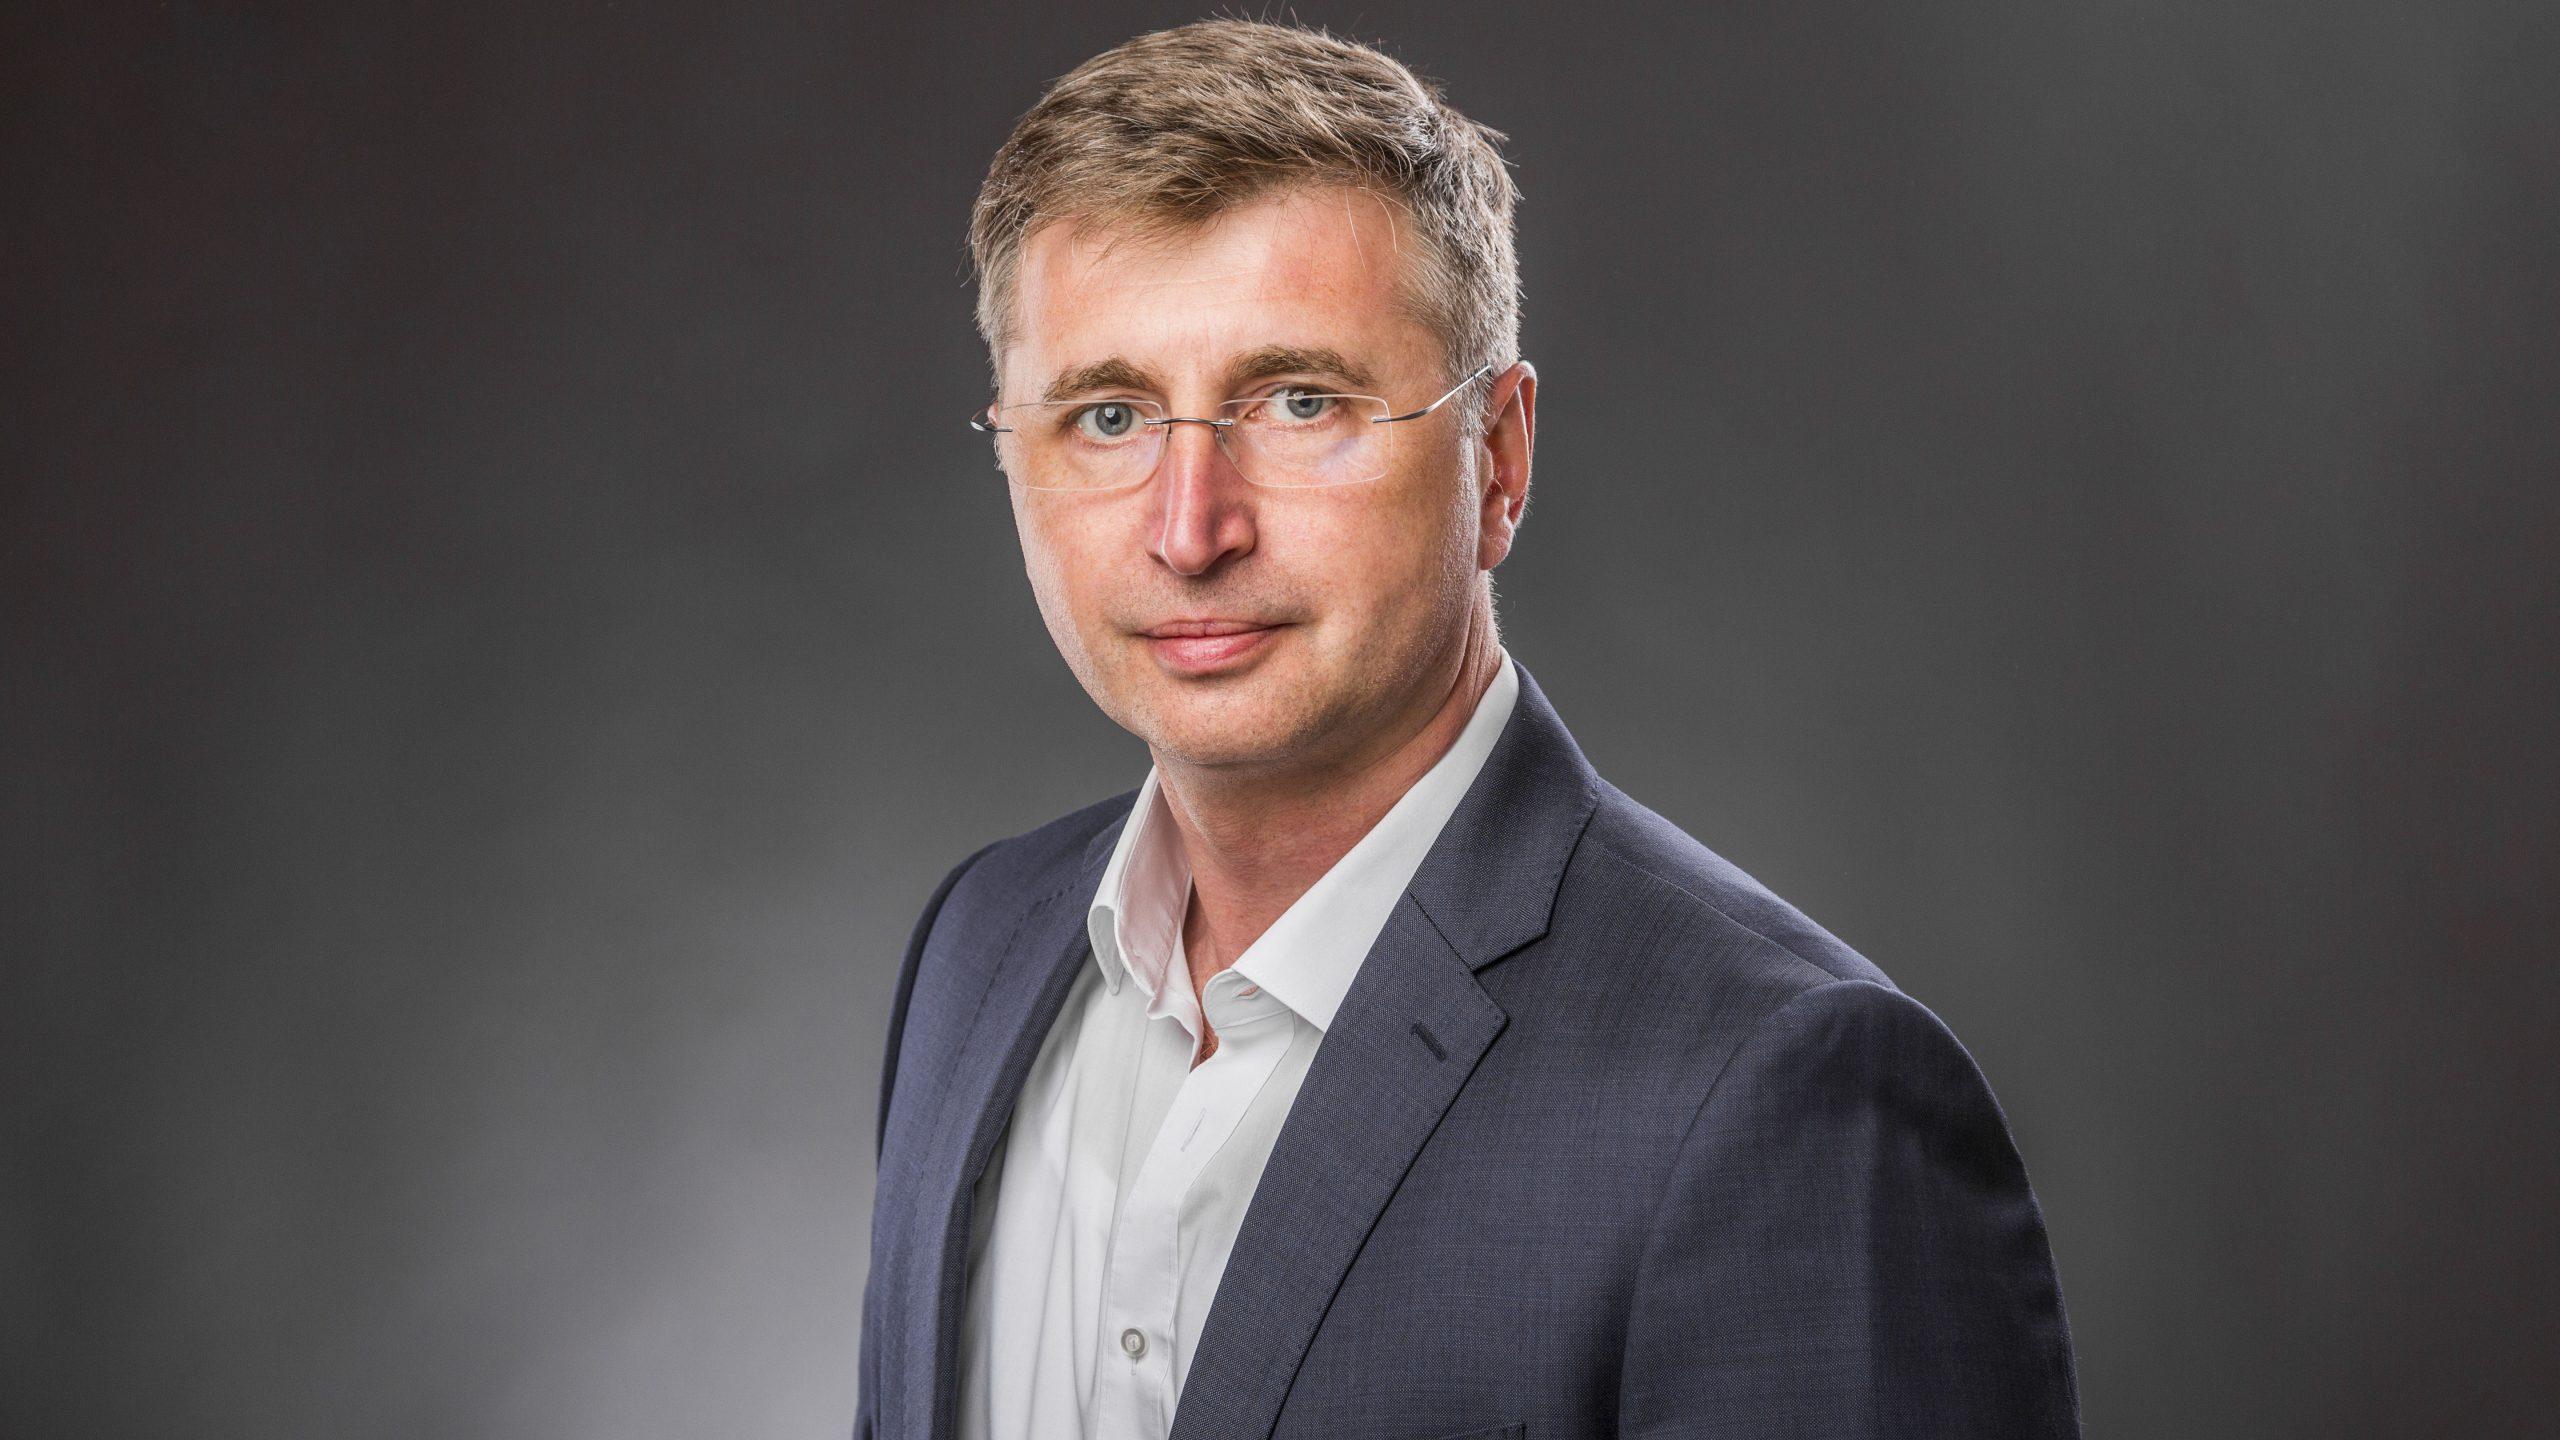 Igor Janz